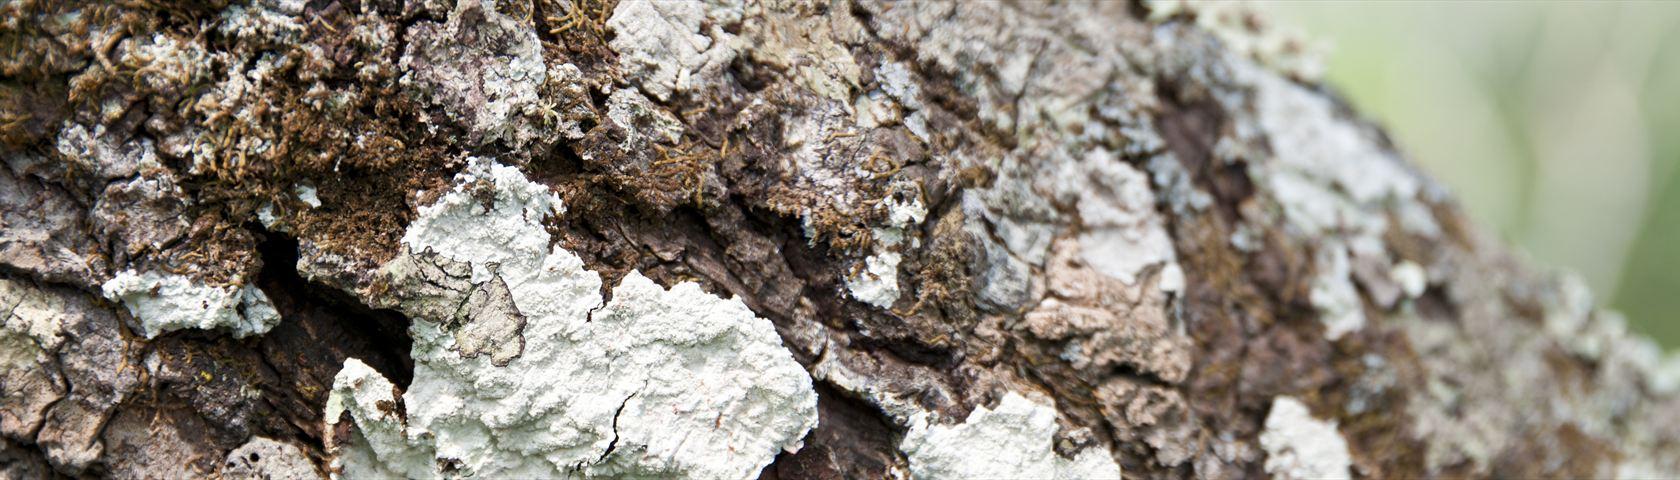 Growth on Tree Bark